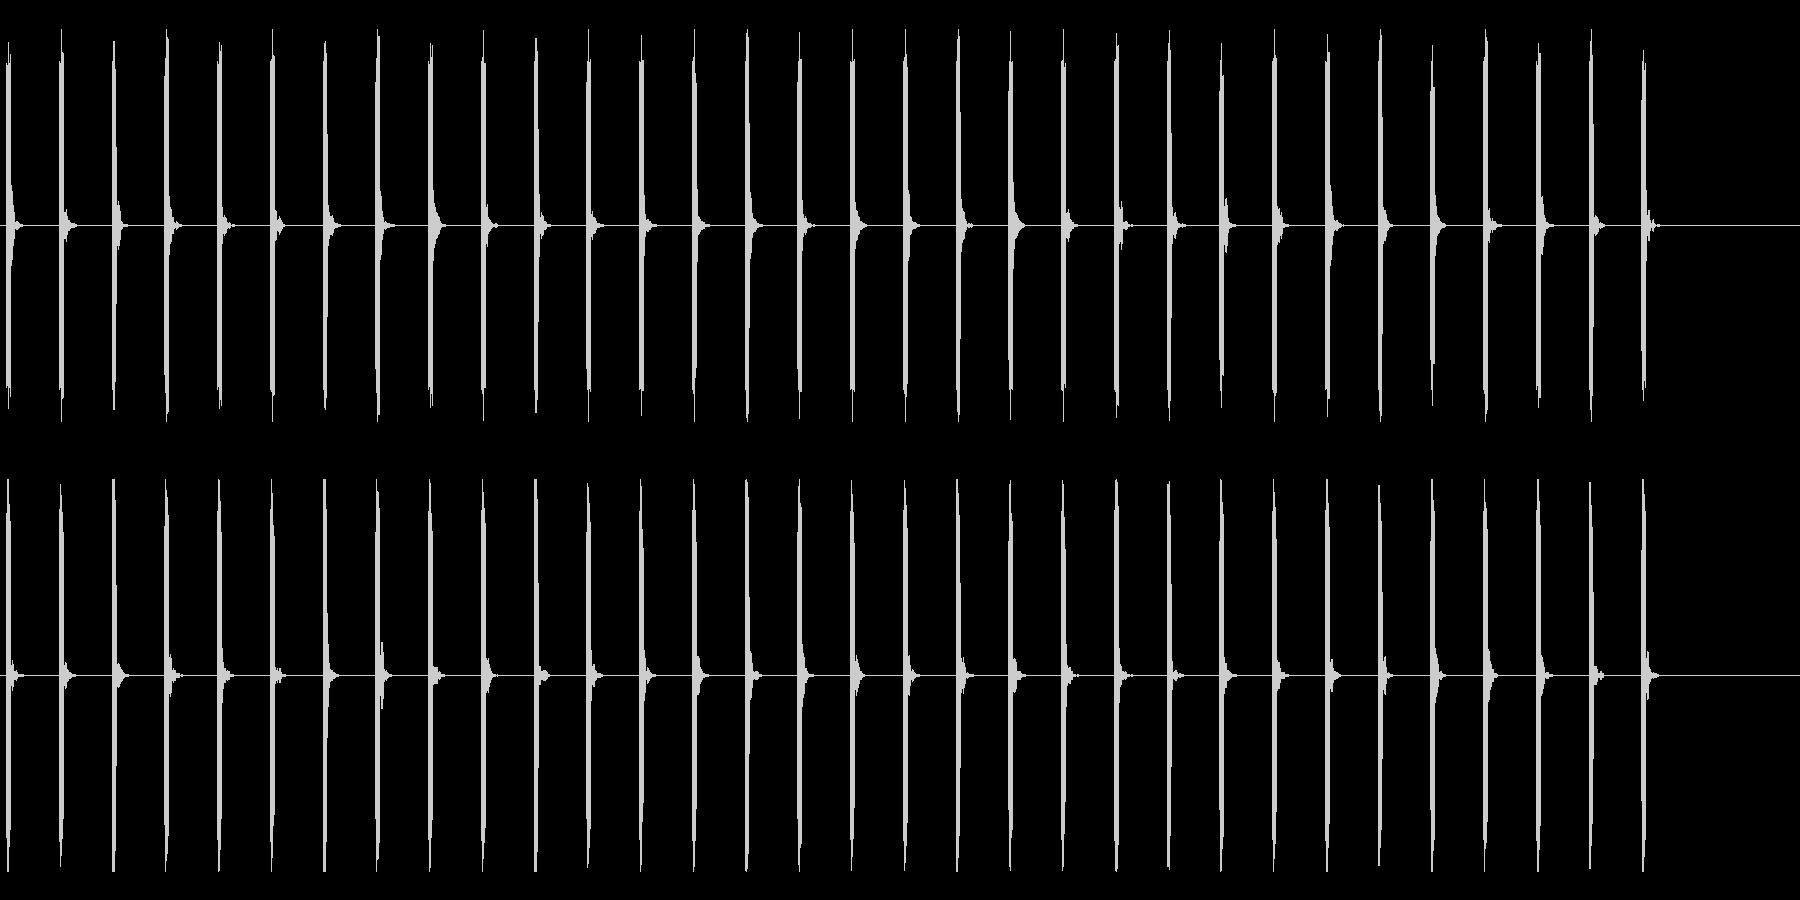 心電図の音-3-1(BPM40)の未再生の波形